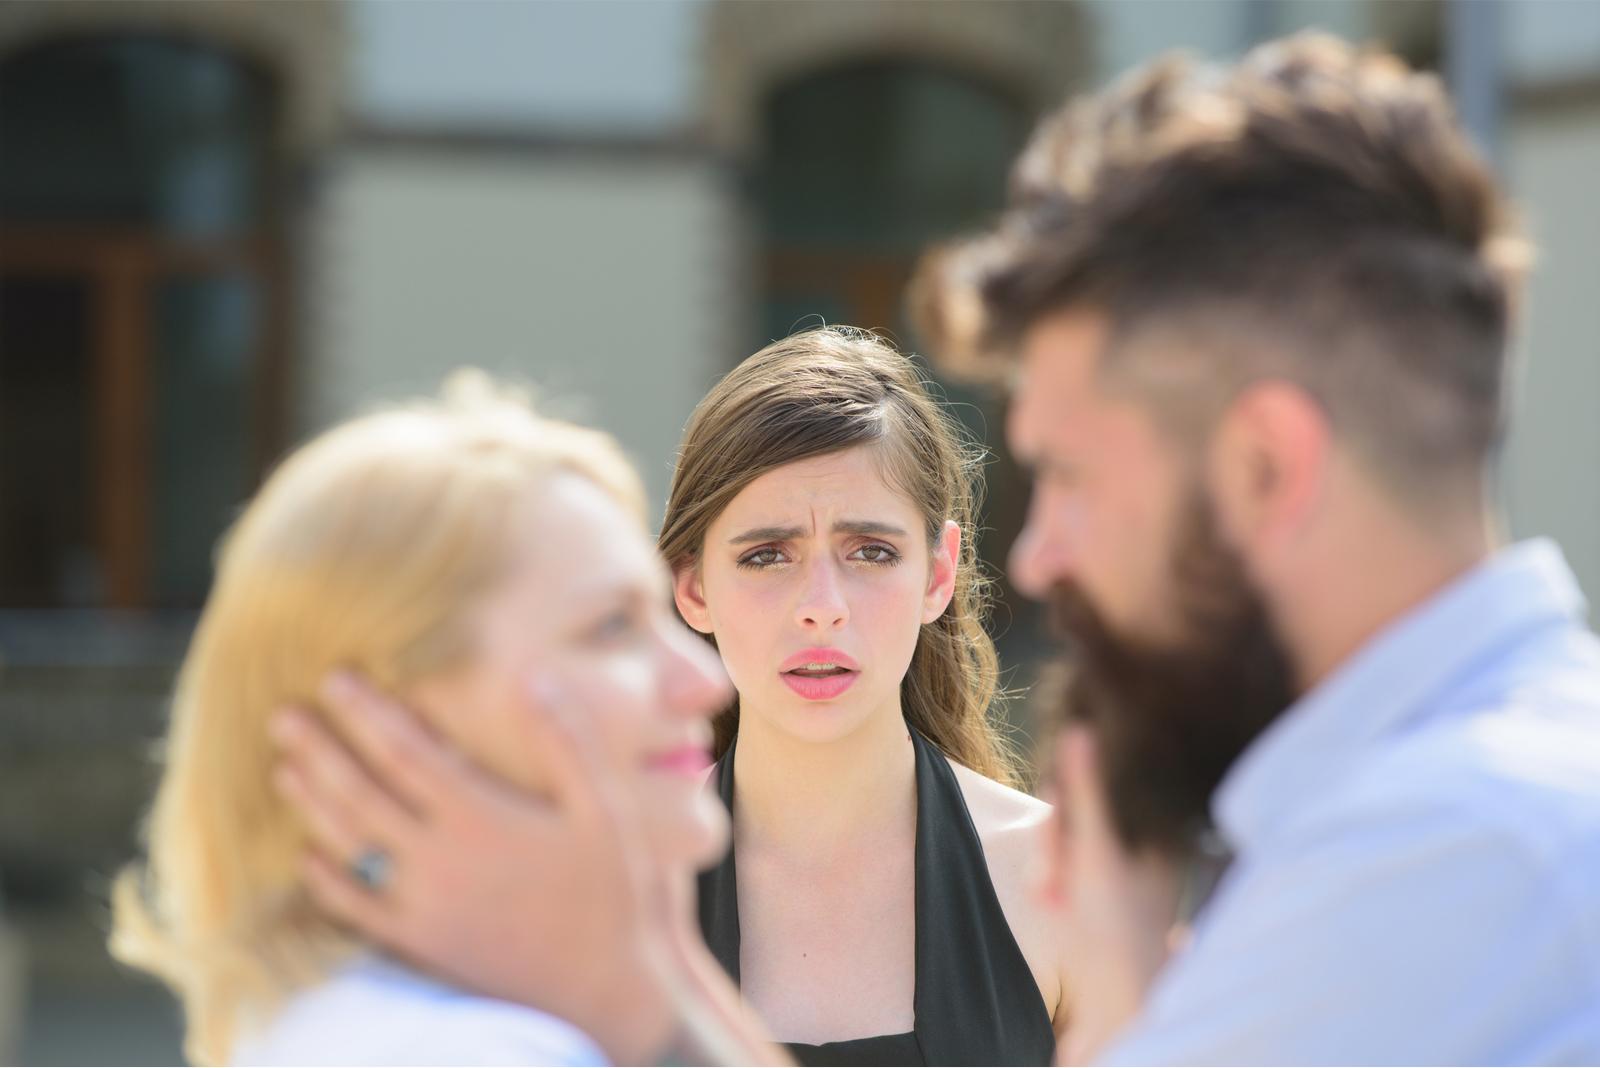 envy jealousy couple woman